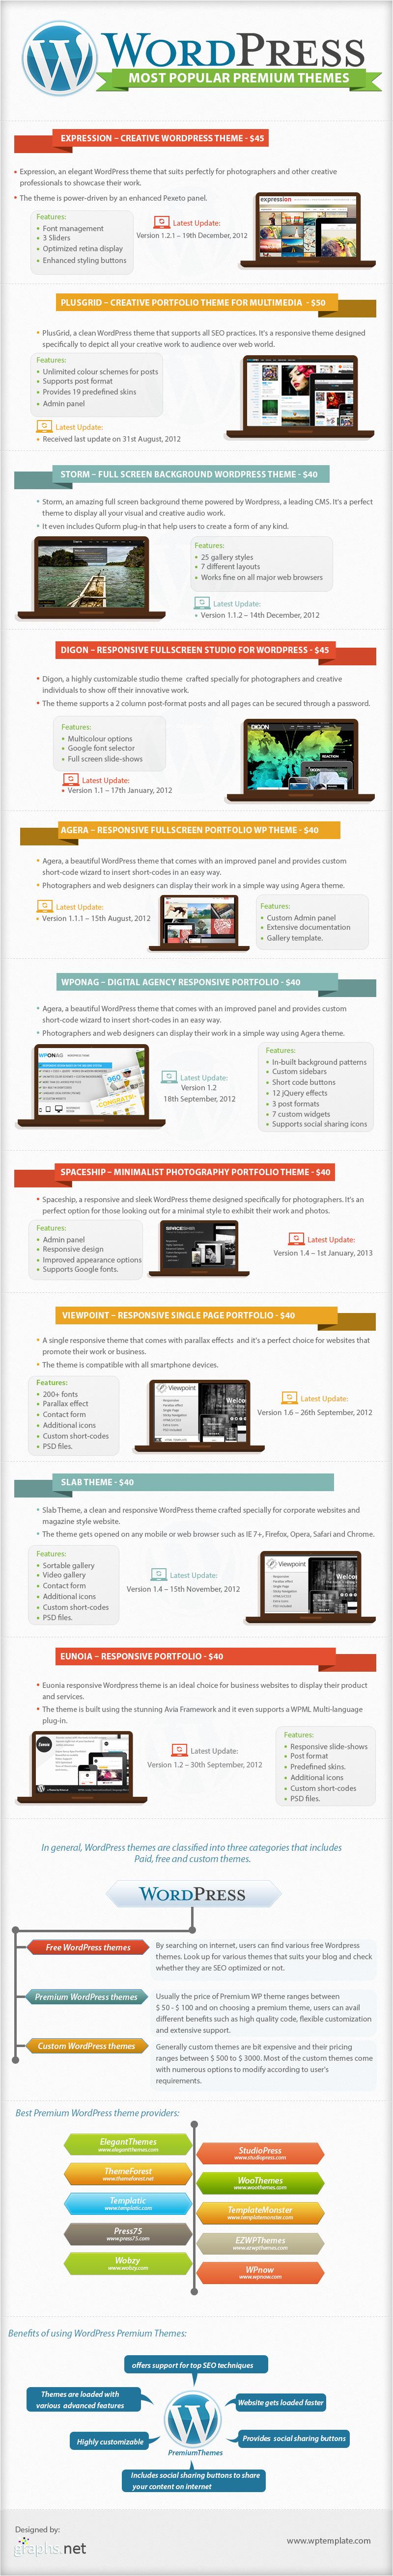 Los temas premiun de WordpPress más populares